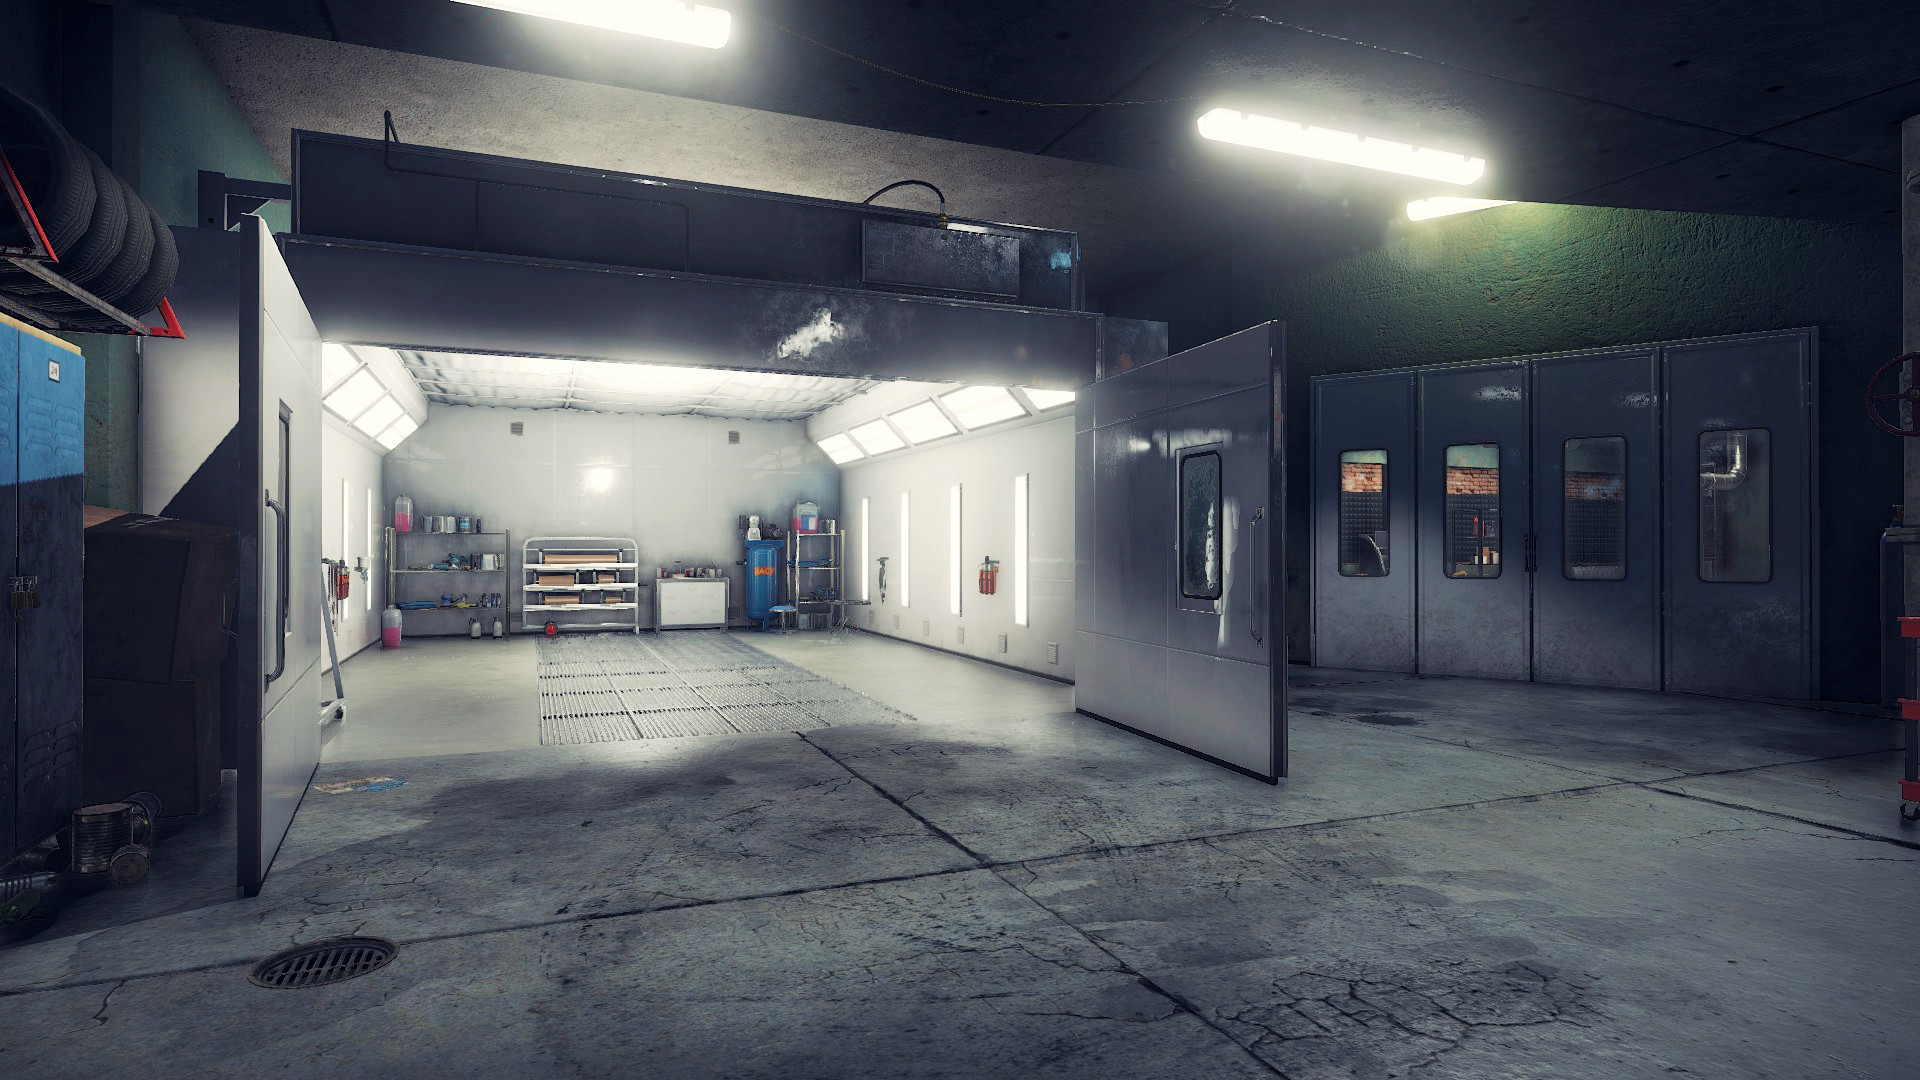 Krystian radziszewski screens render scene 2